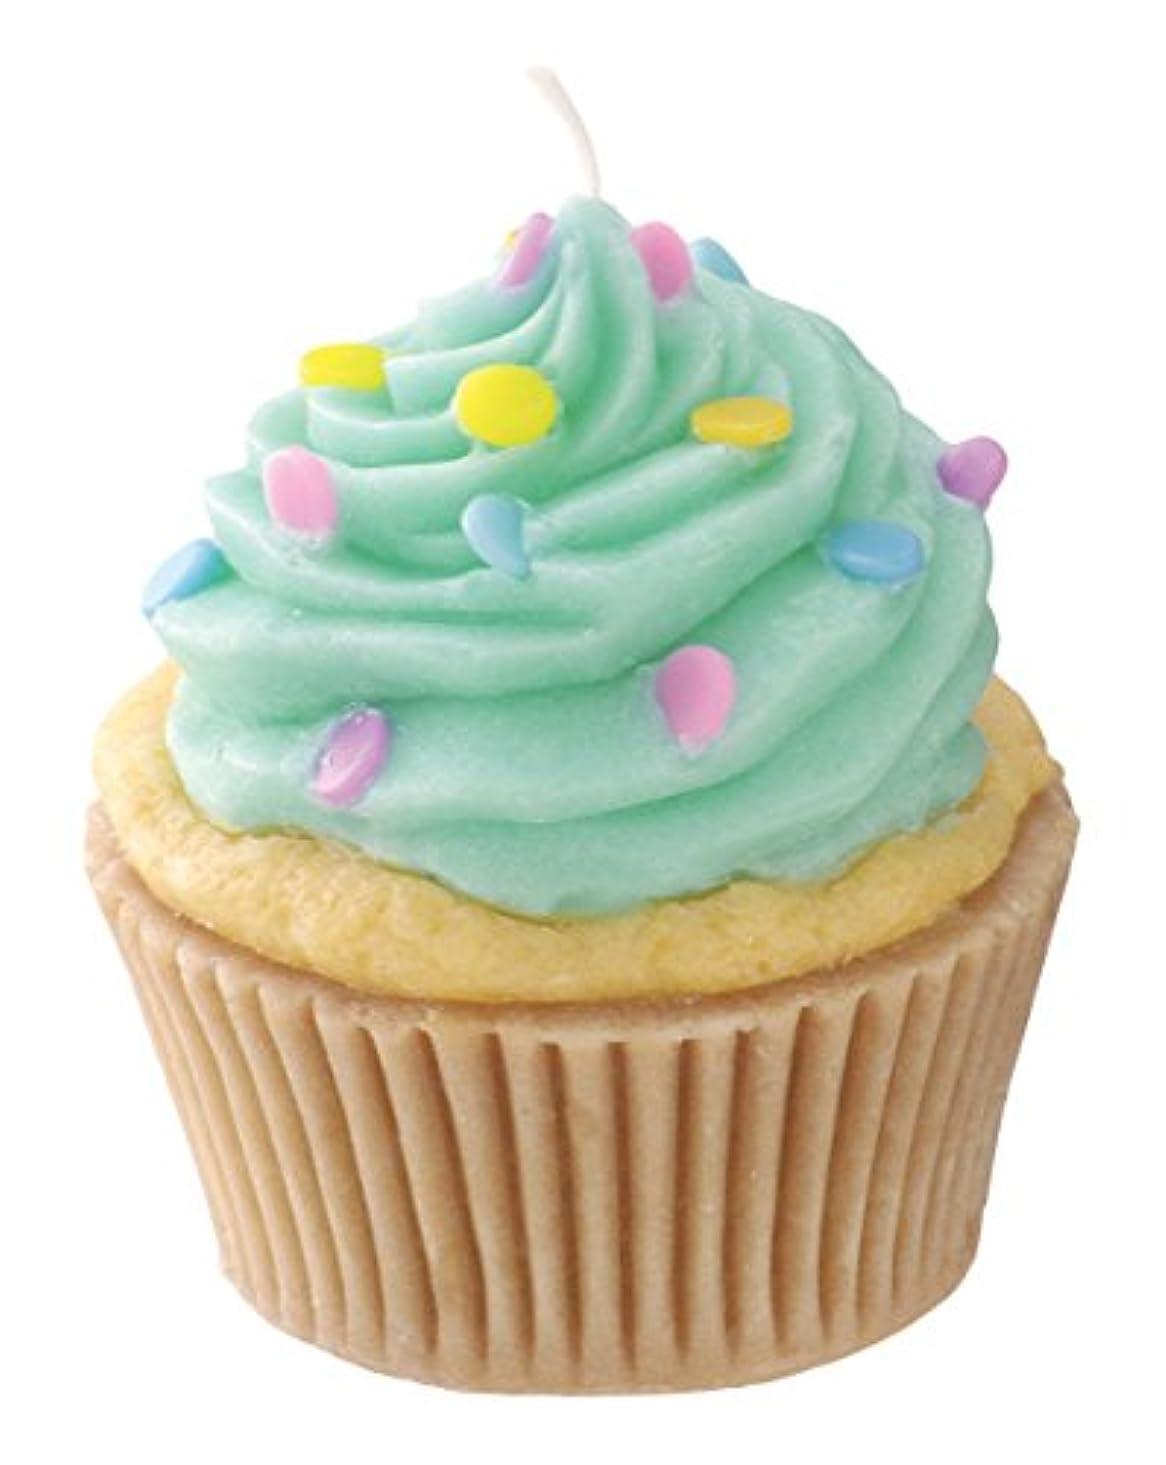 札入れおかしい肝カメヤマキャンドルハウス 本物そっくり! アメリカンカップケーキキャンドル ミントクリーム バニラの香り